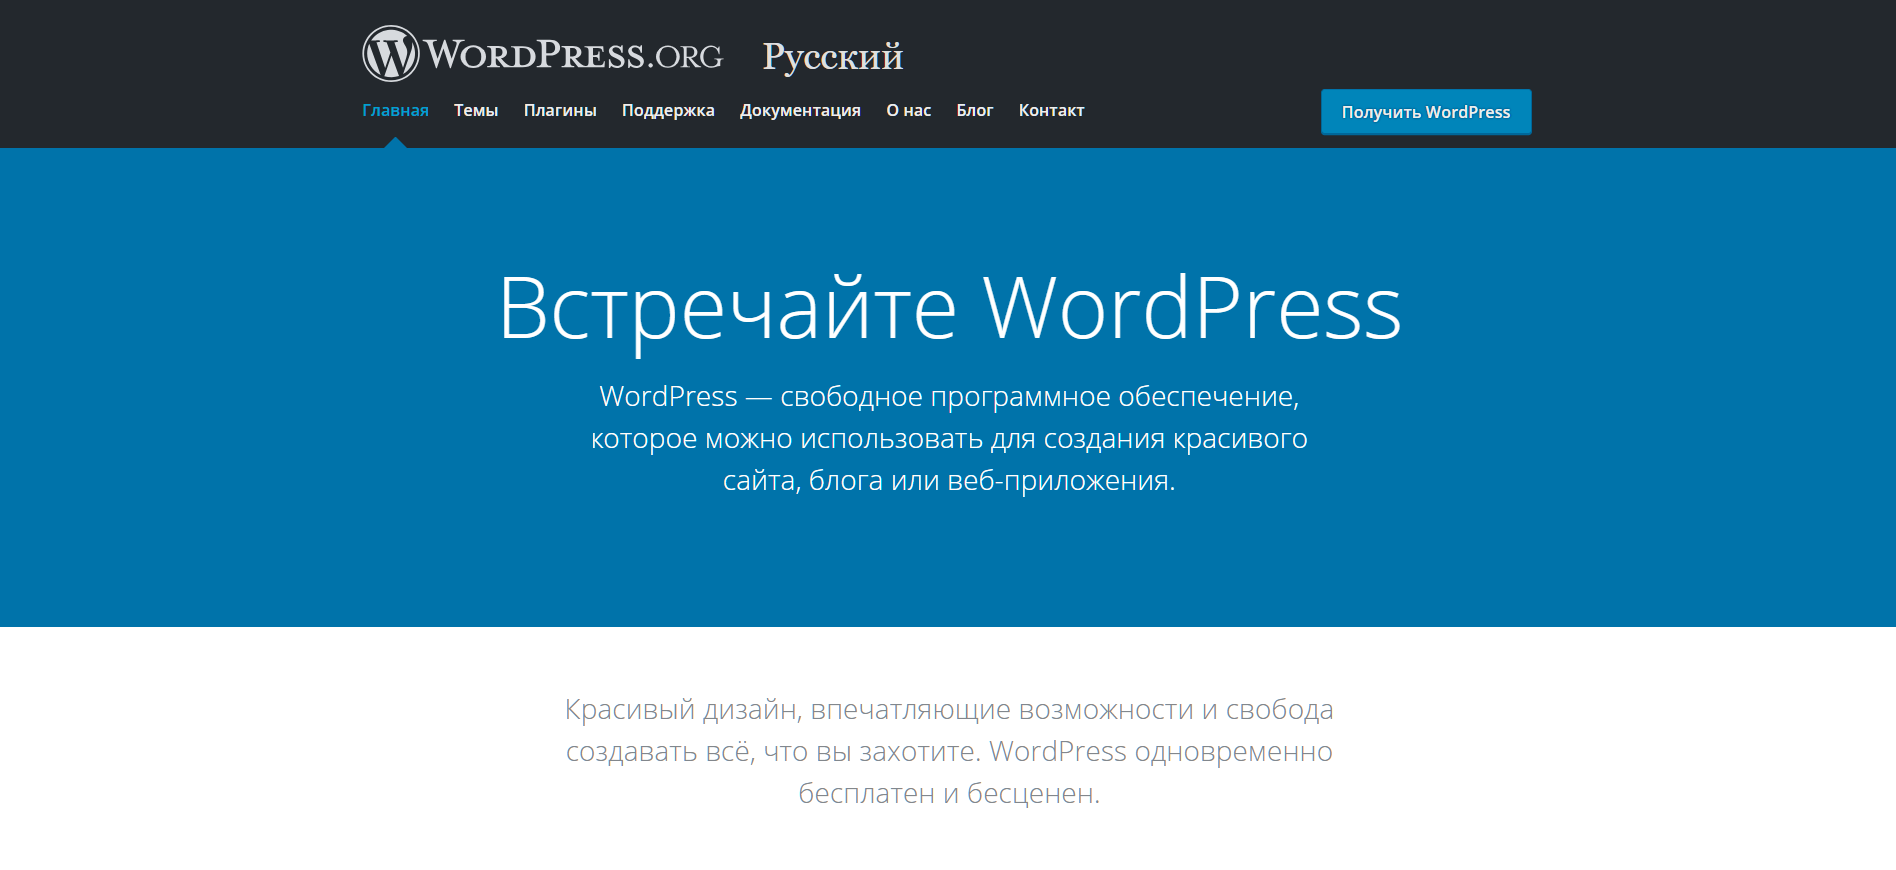 Почему все сайты вы делаете на WordPress?